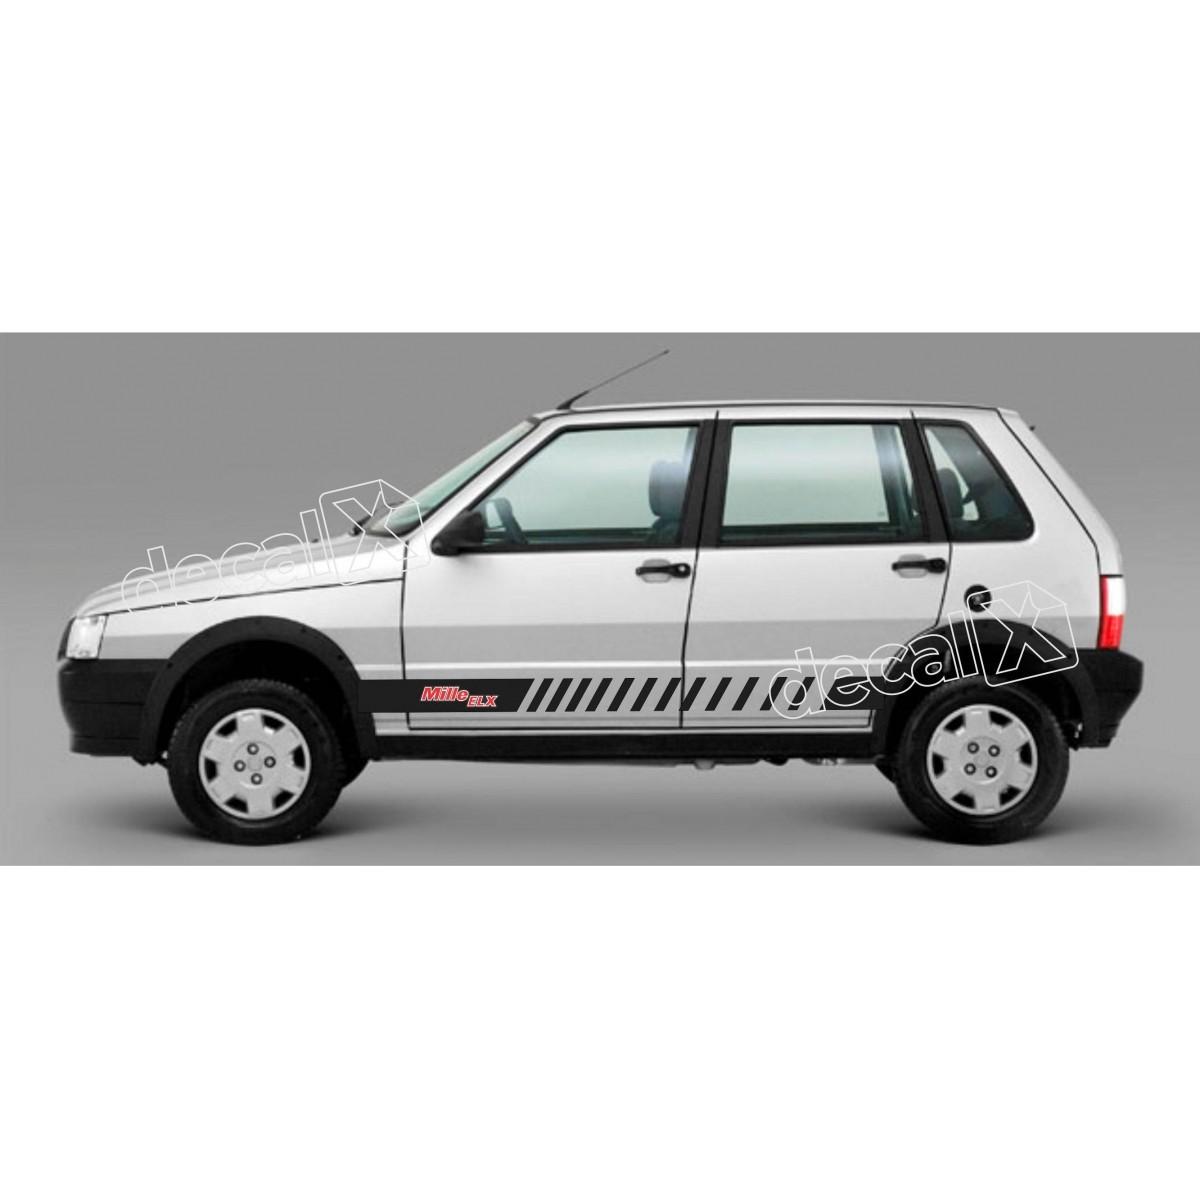 Adesivo Faixa Lateral Fiat Uno Unoh4